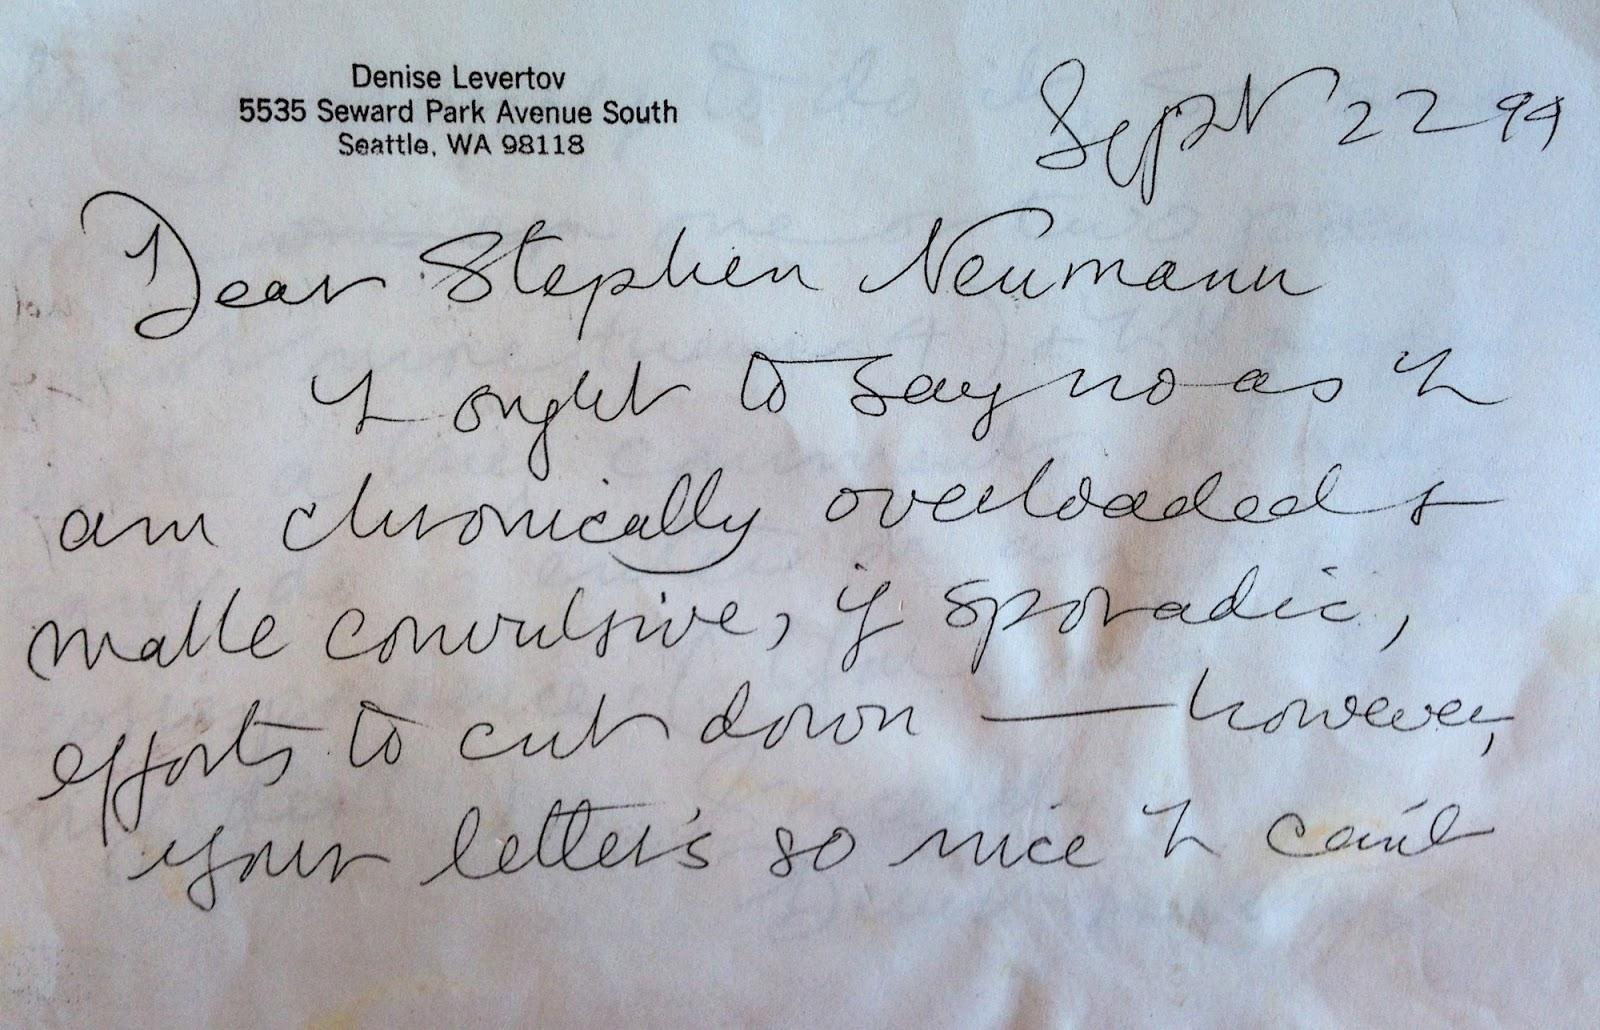 Letter from Denise Levertov (via author)